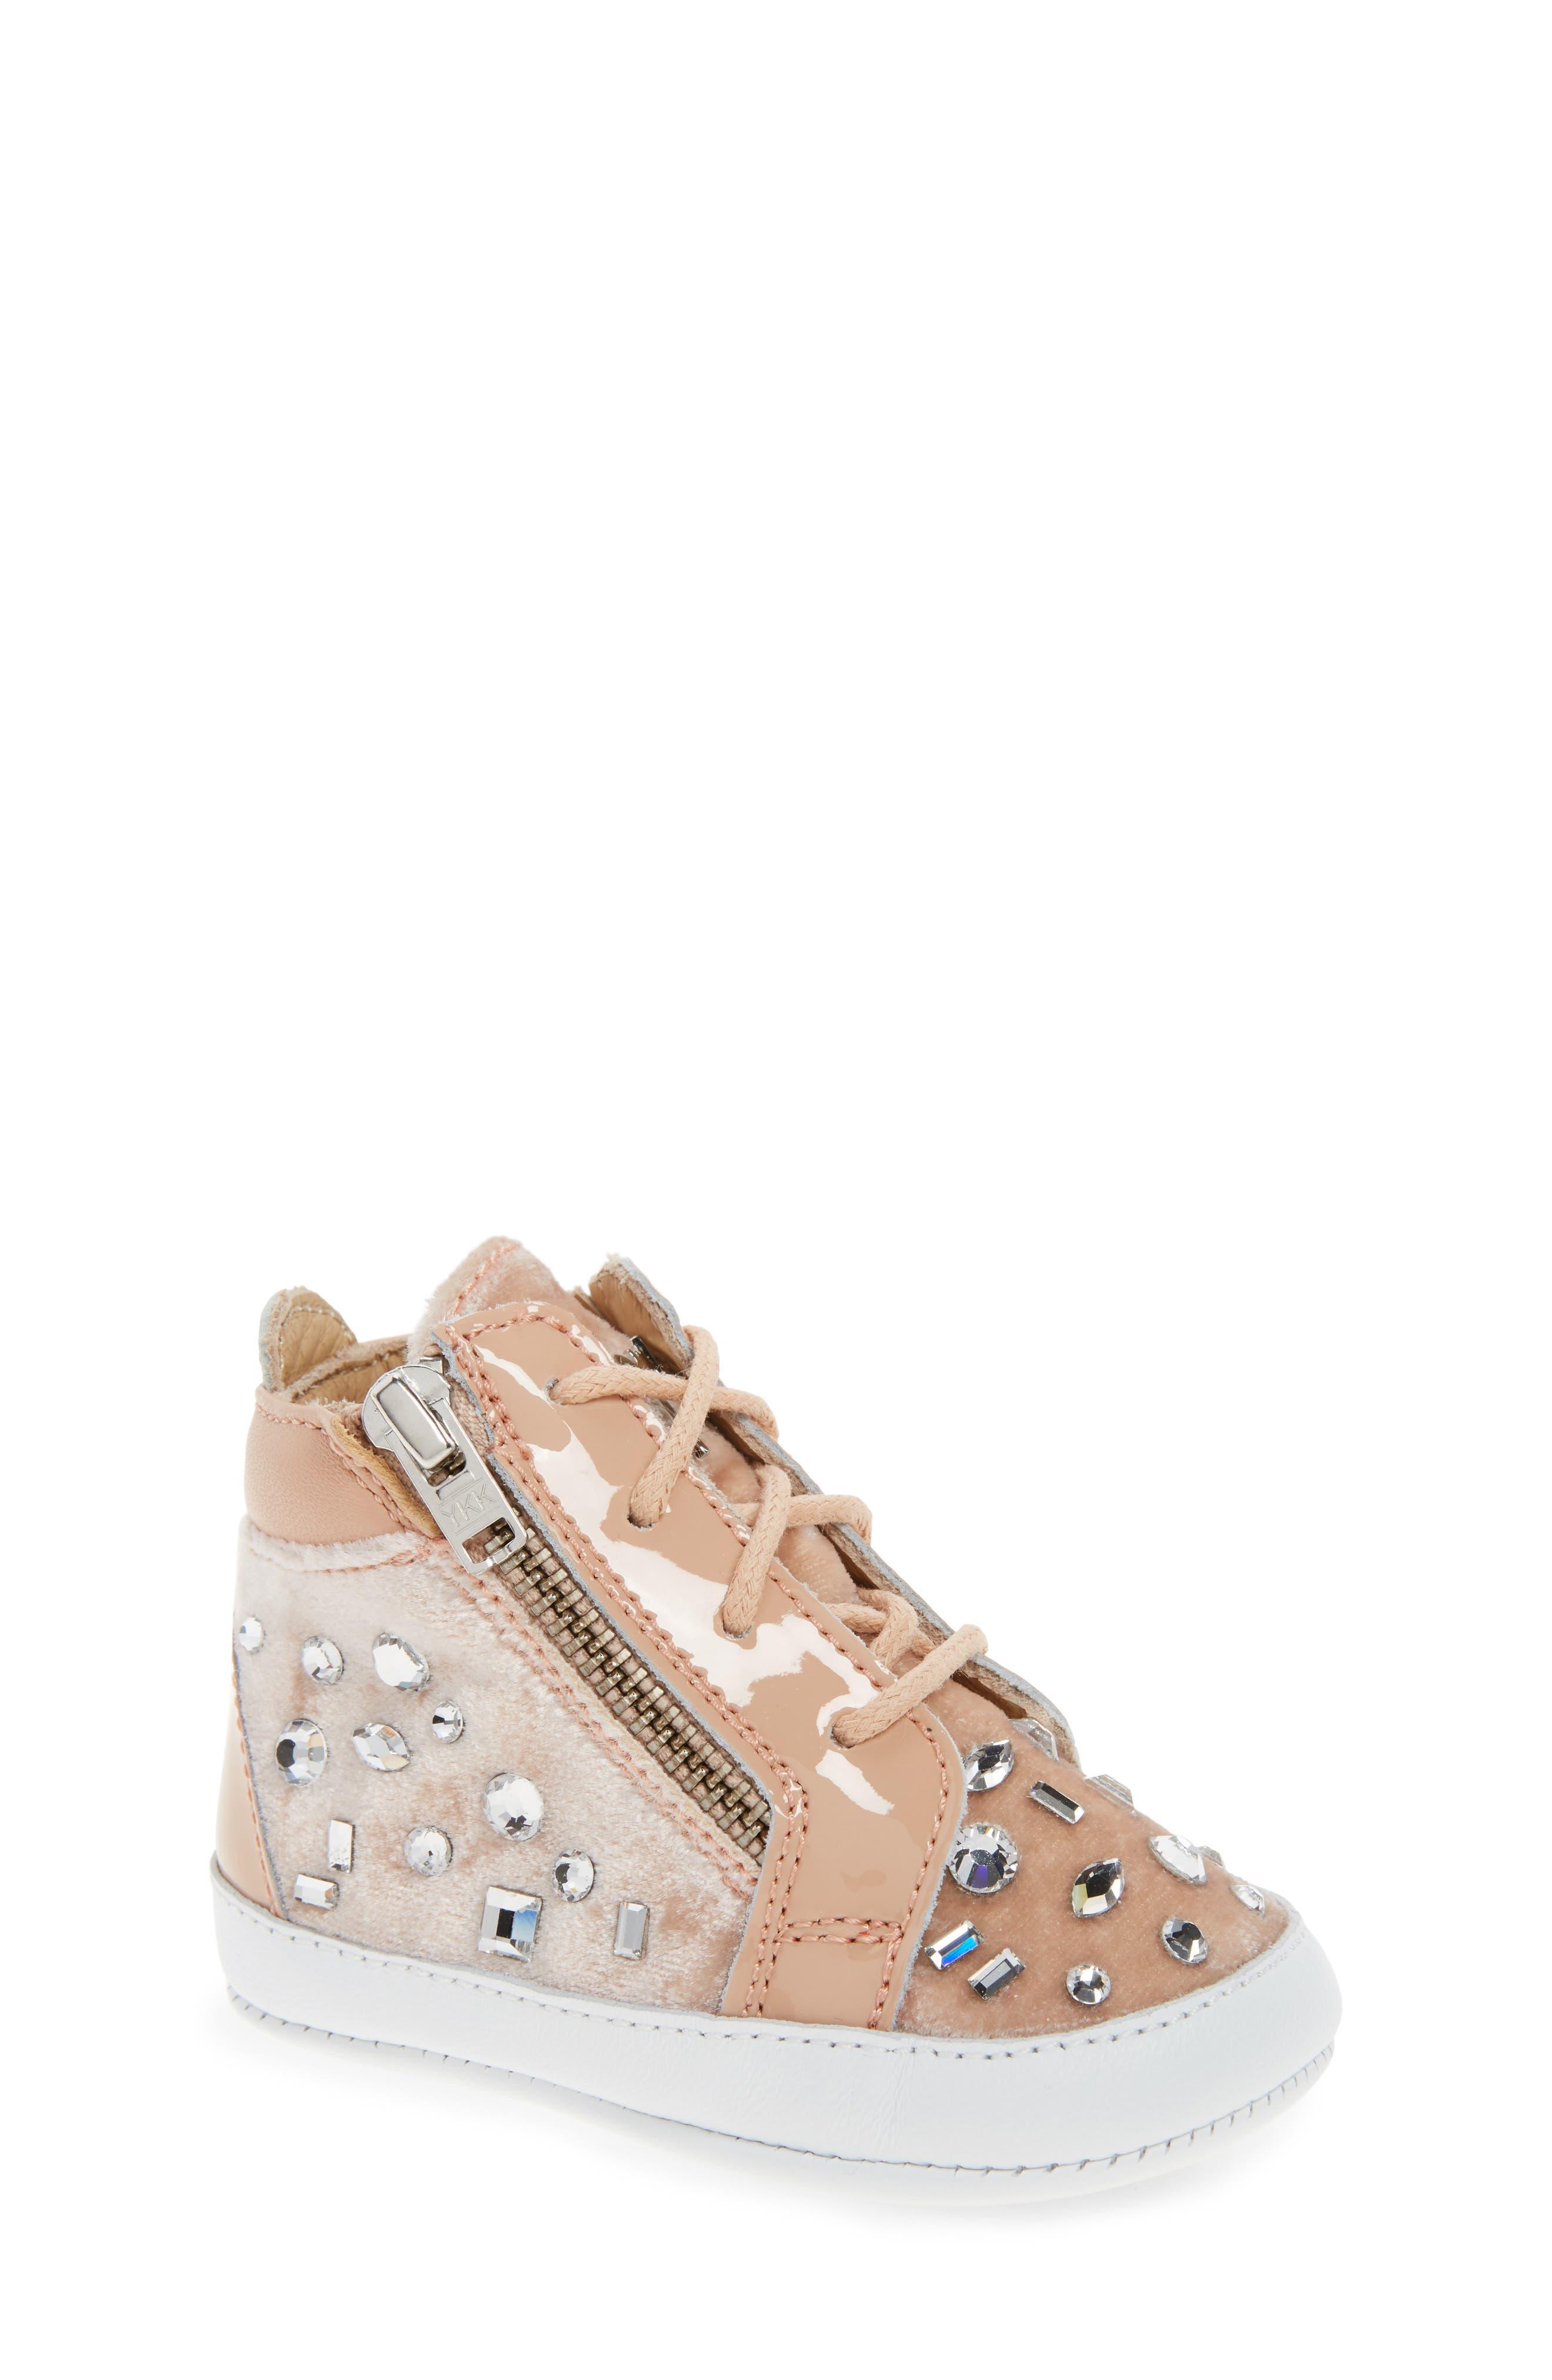 Main Image - Giuseppe Zanotti Veronica Embellished Sneaker (Baby, Walker, Toddler & Little Kid)